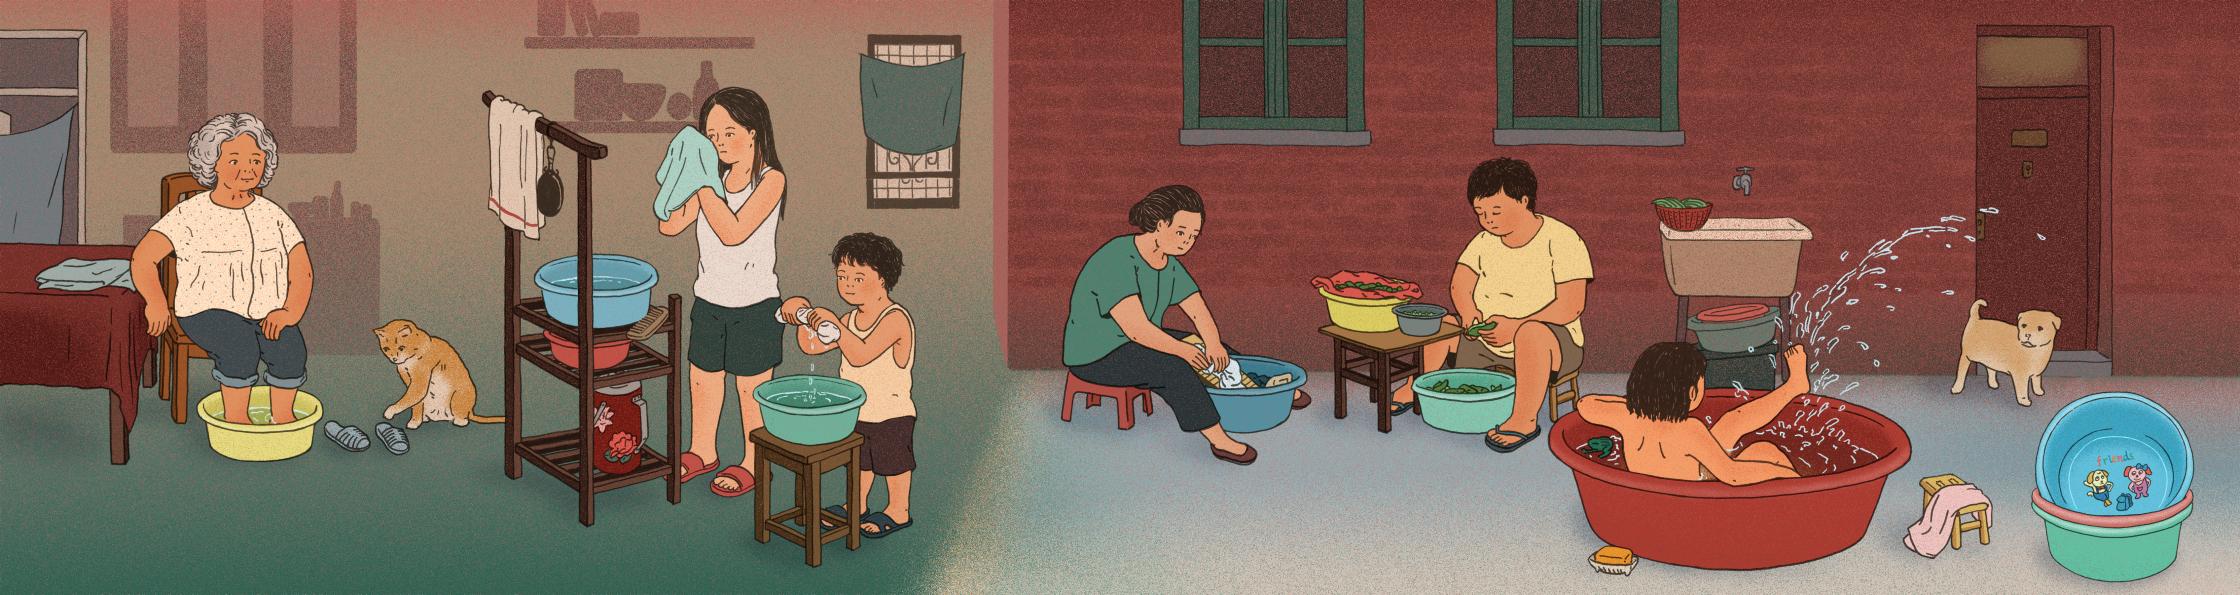 Everyday Chinatown_penzi.jpg